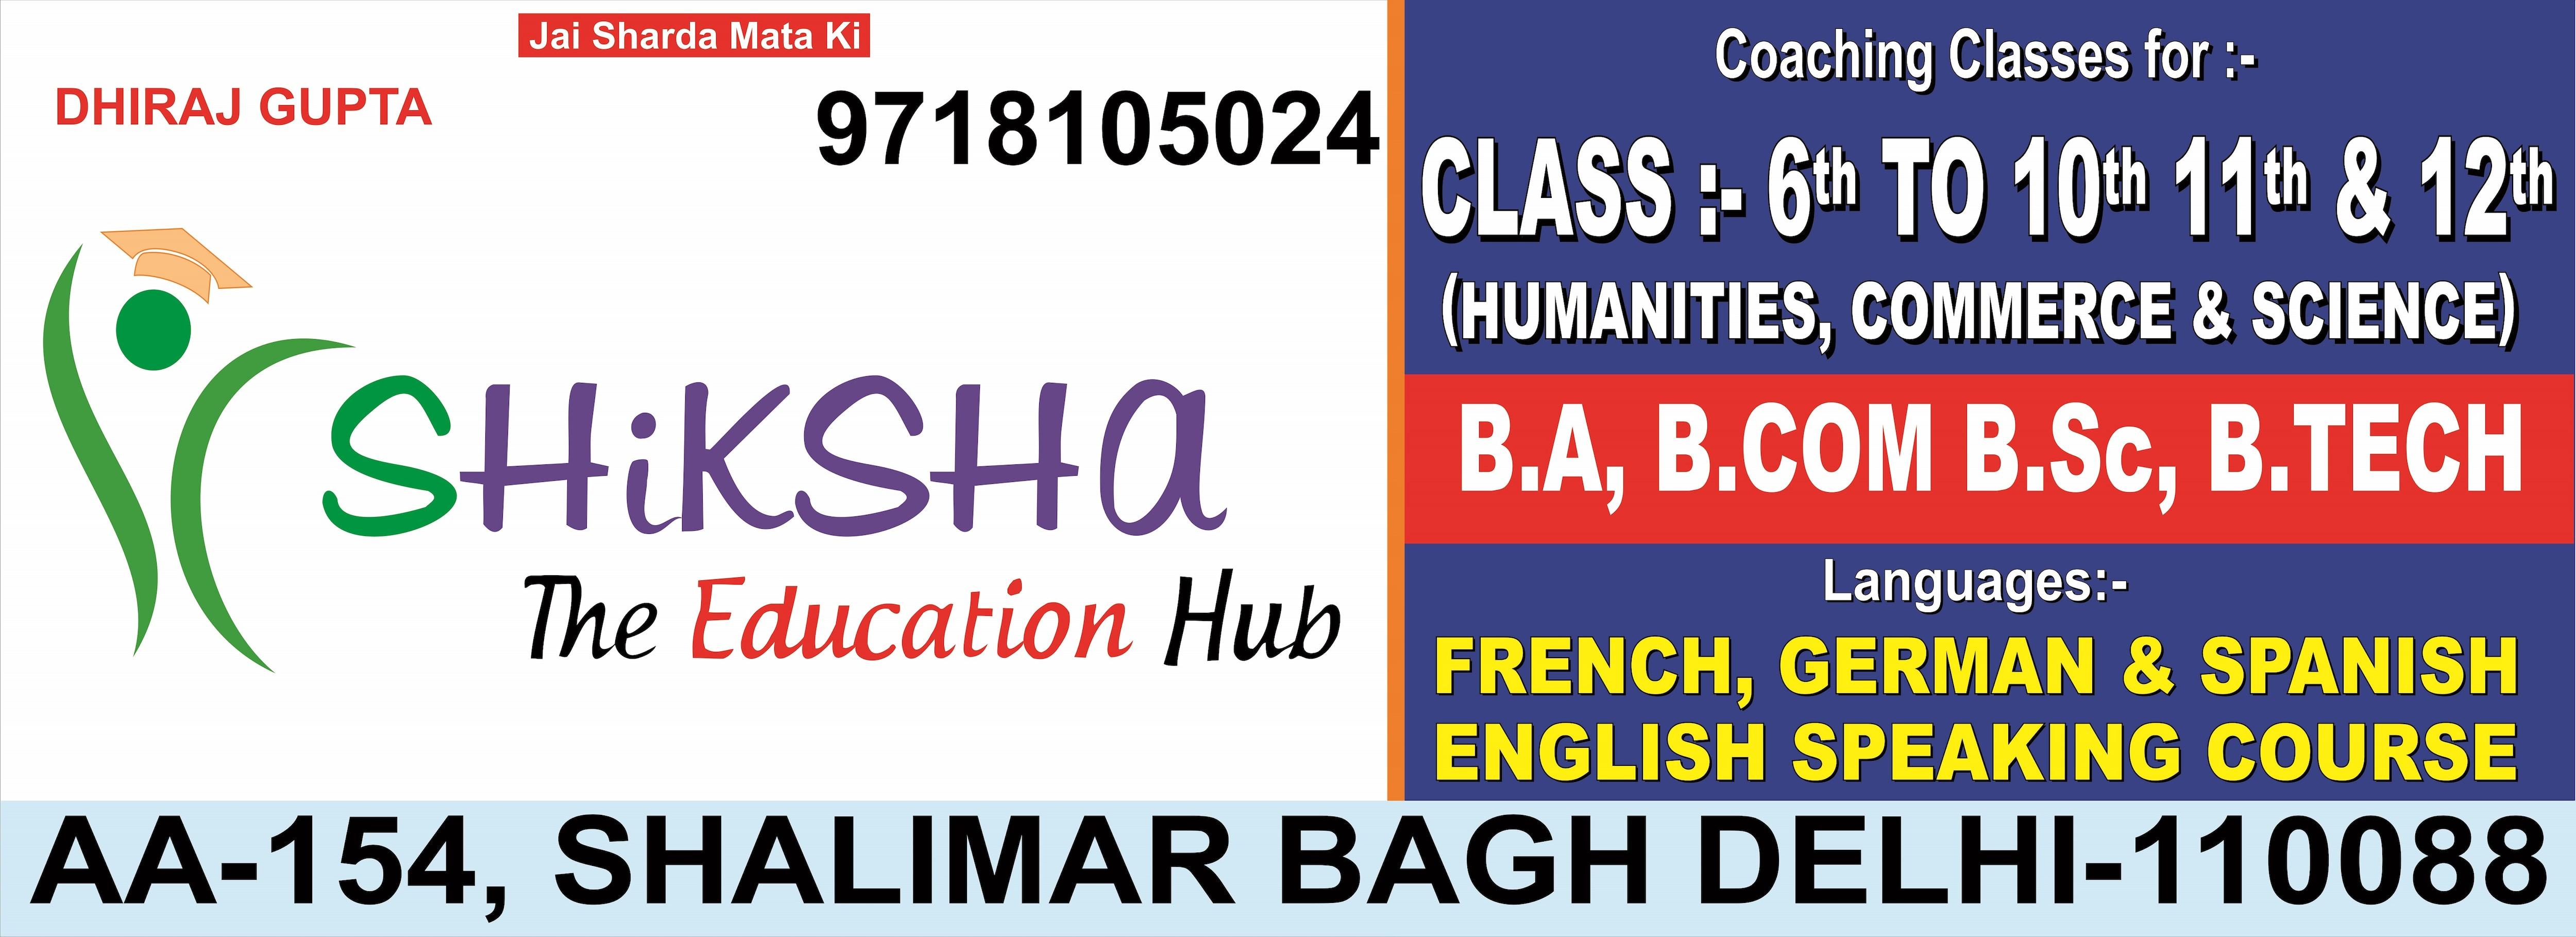 SHiKSHa The Education Hub